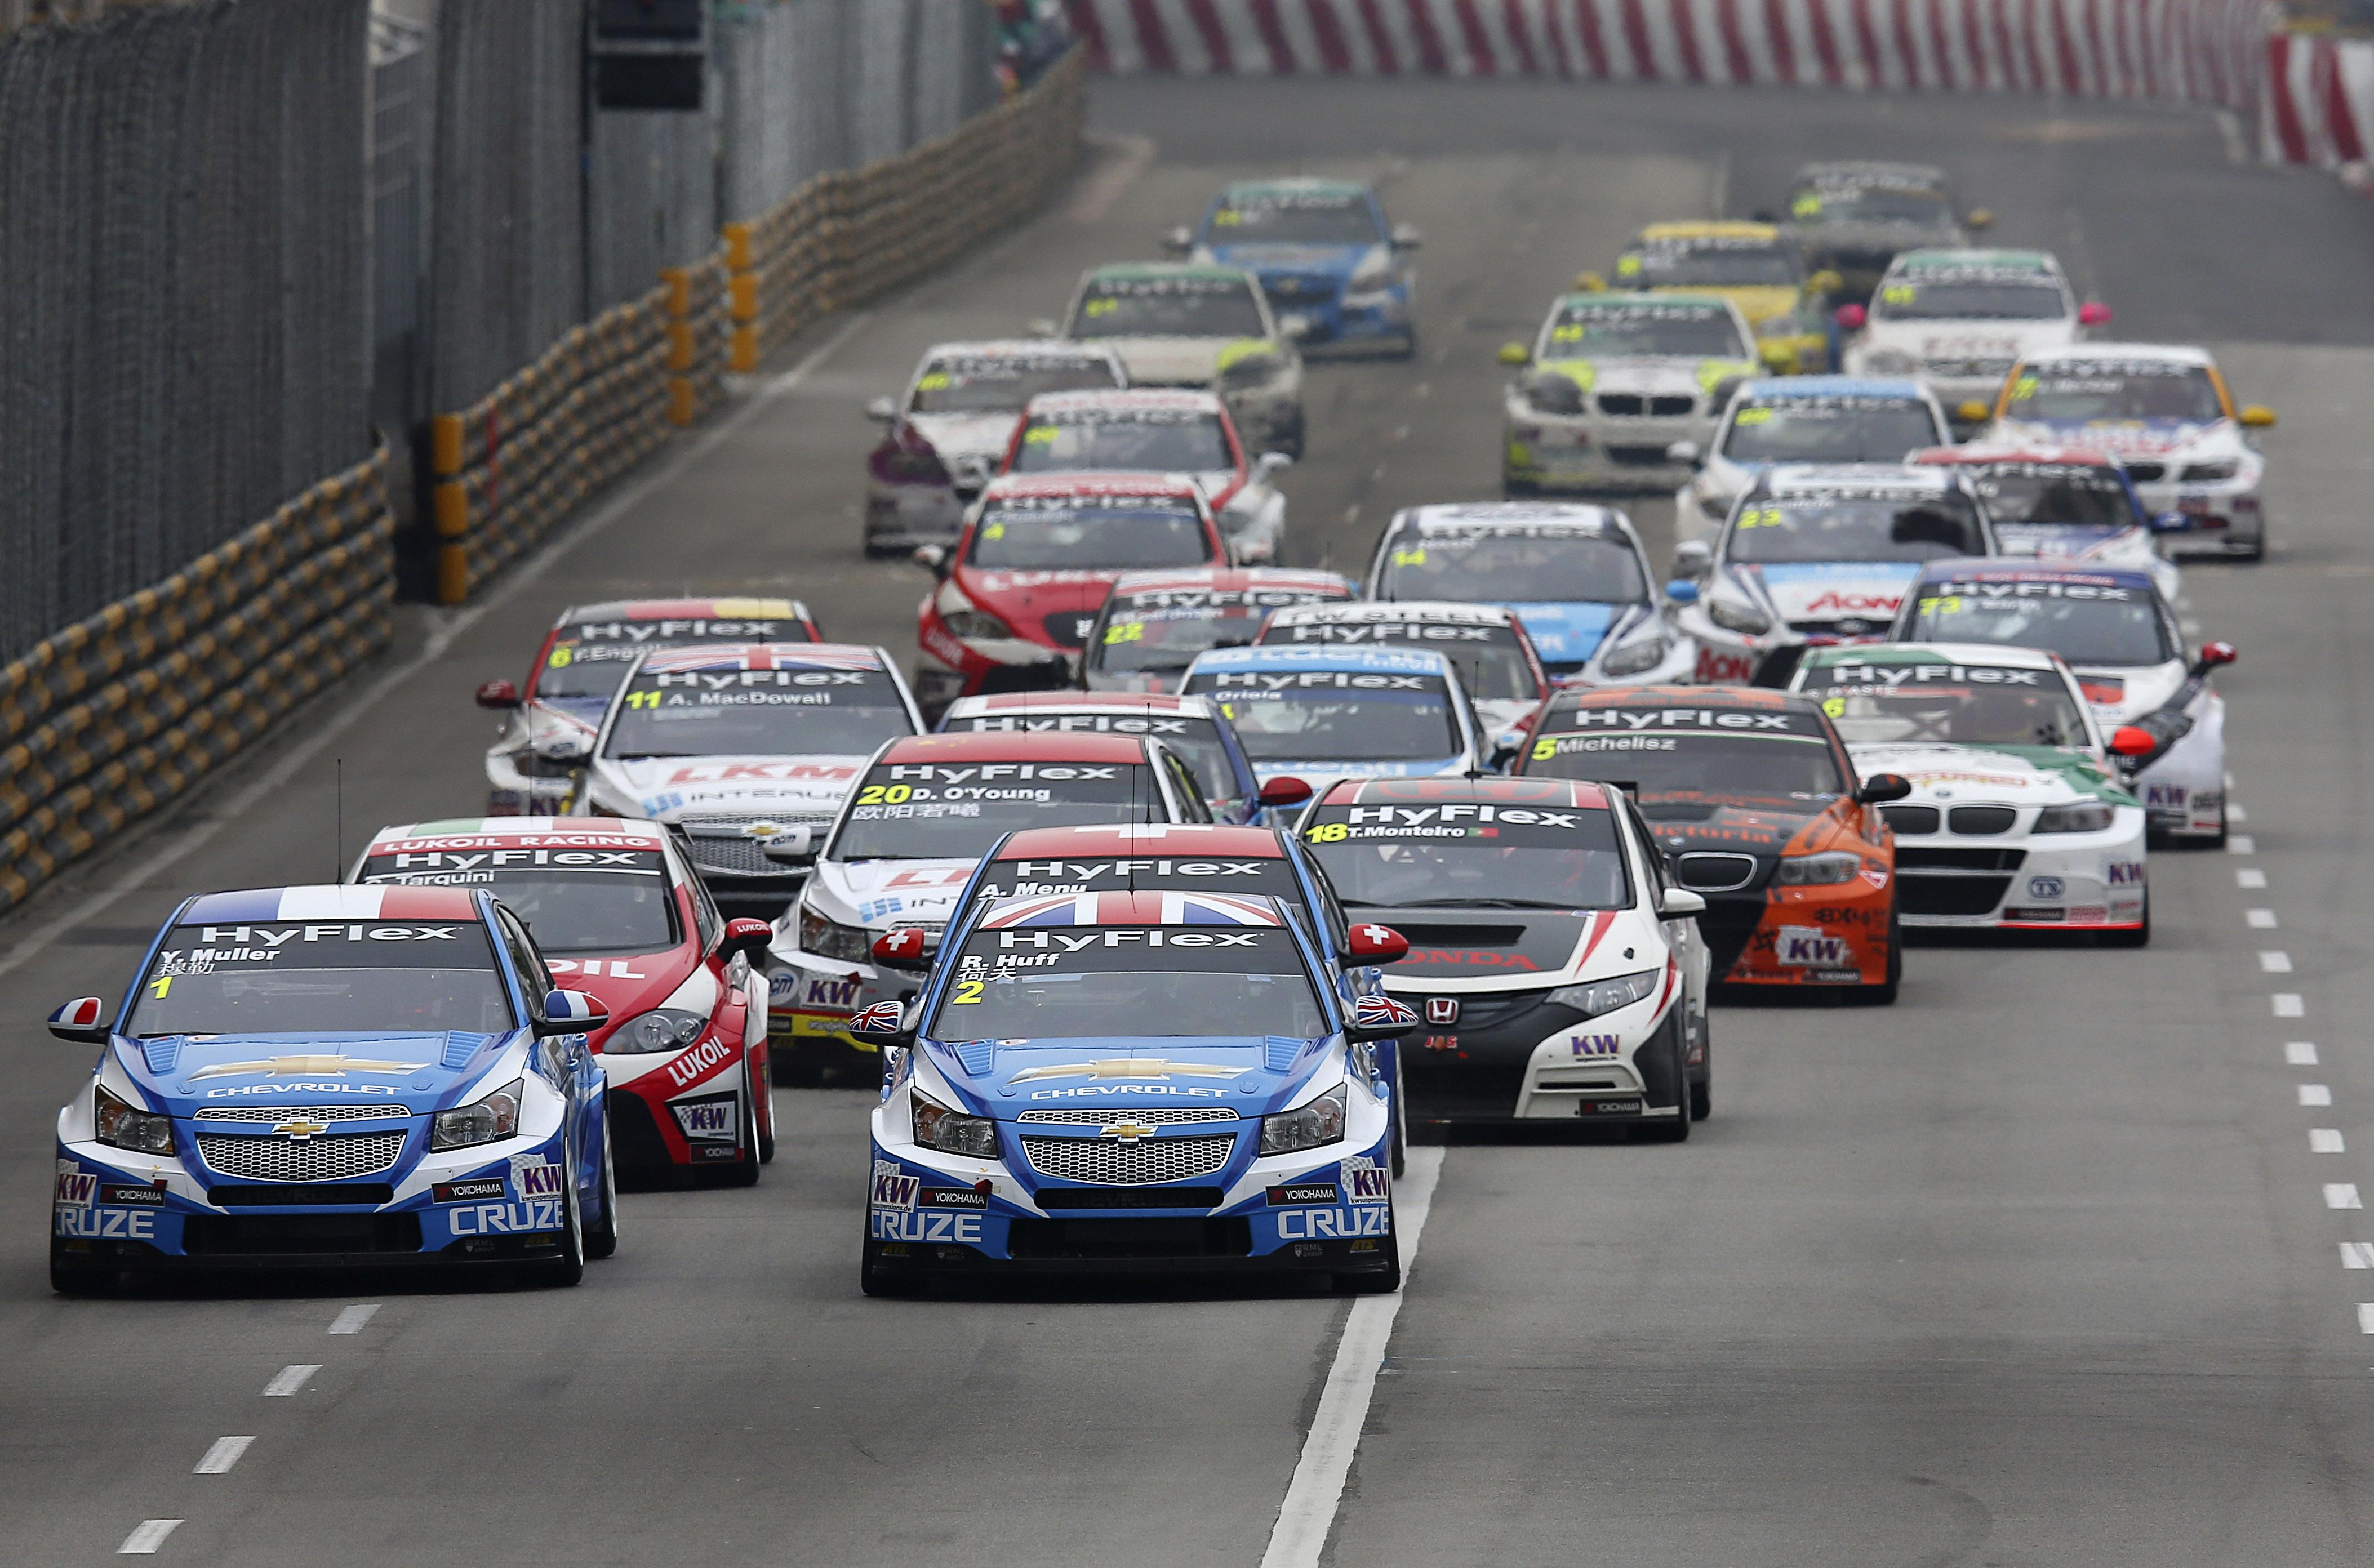 Pilotos do WTCC interessados em voltar à Corrida da Guia